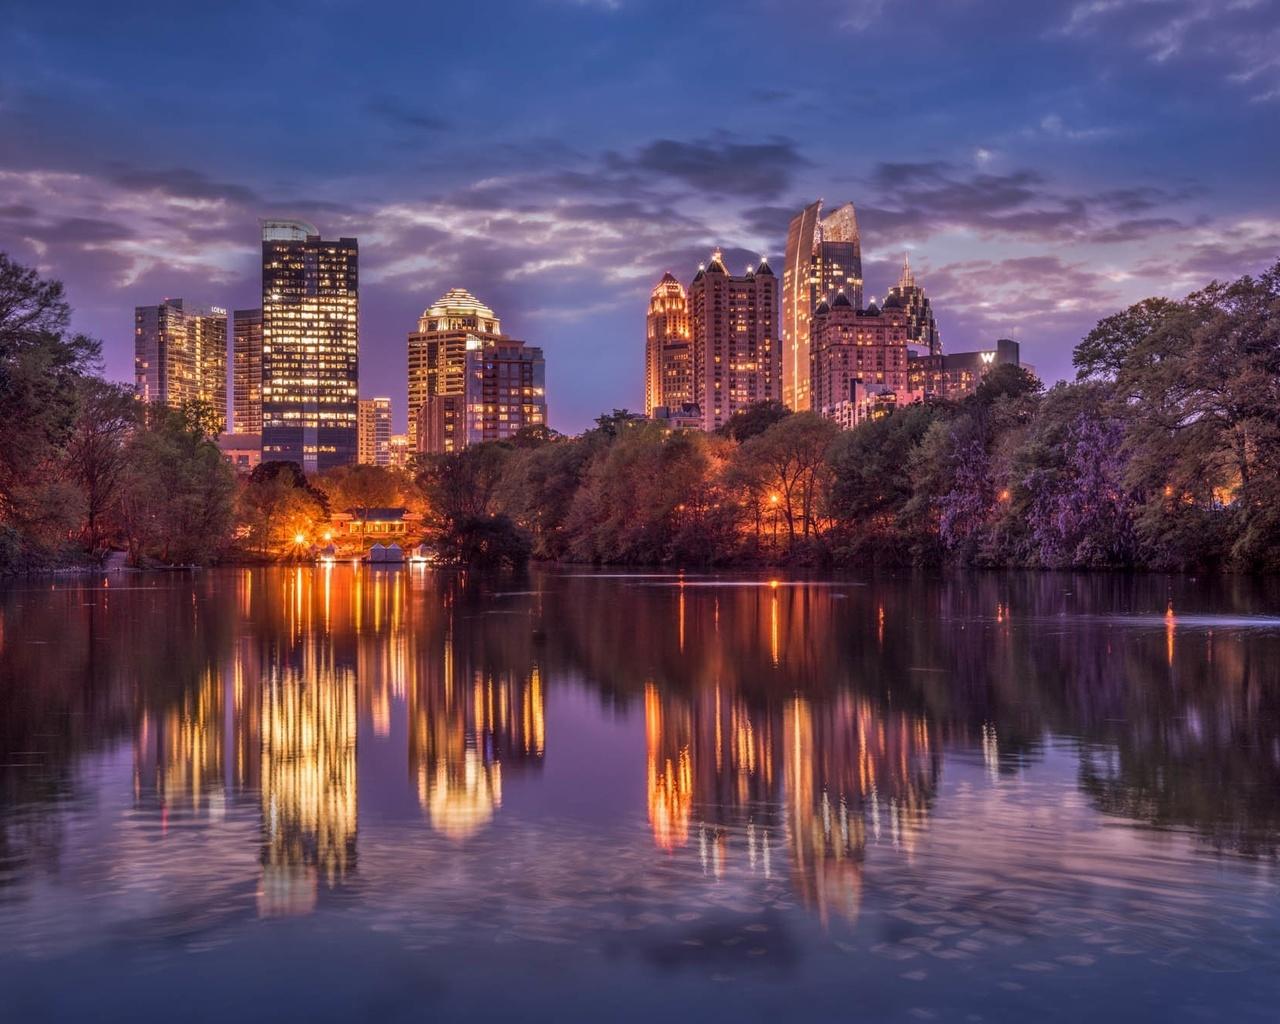 ебо, облака, деревья, ночь, город, огни, отражение, река, дома, небоскребы, освещение